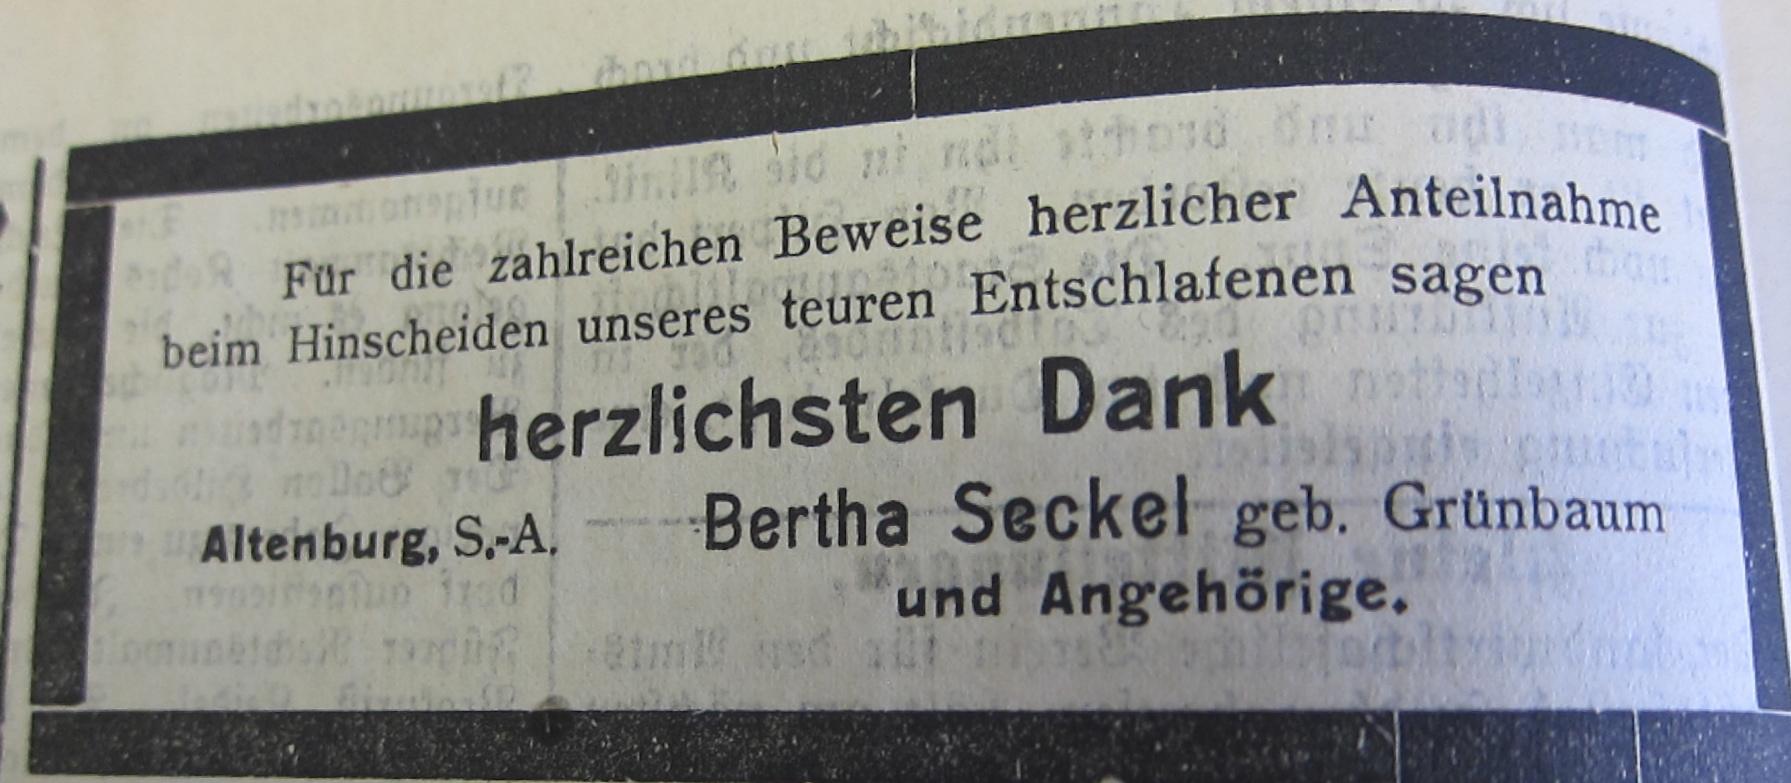 19.01.1911-B.-Seckel-Danksagung